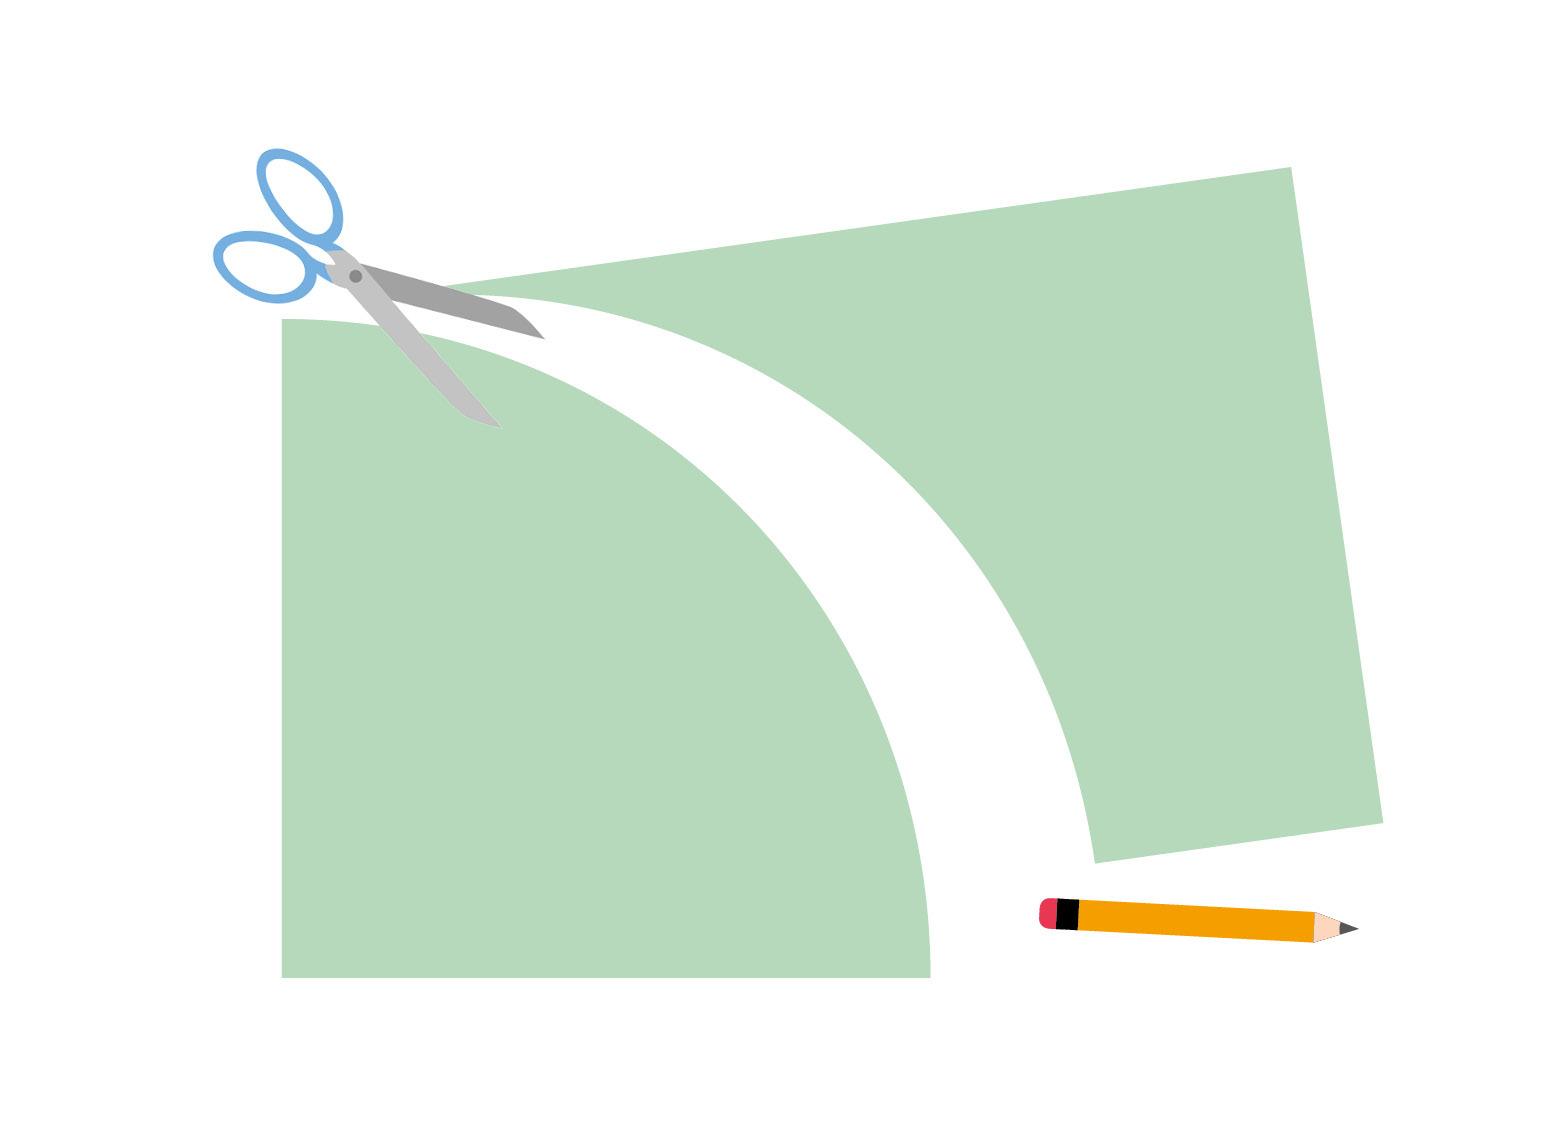 Schritt 2: Schneiden Sie nun entlang der Linie, die Sie gerade aufgezeichnet haben. Den überschüssigen Teil der Pappe können Sie für spätere Bastelaktionen aufbewahren.